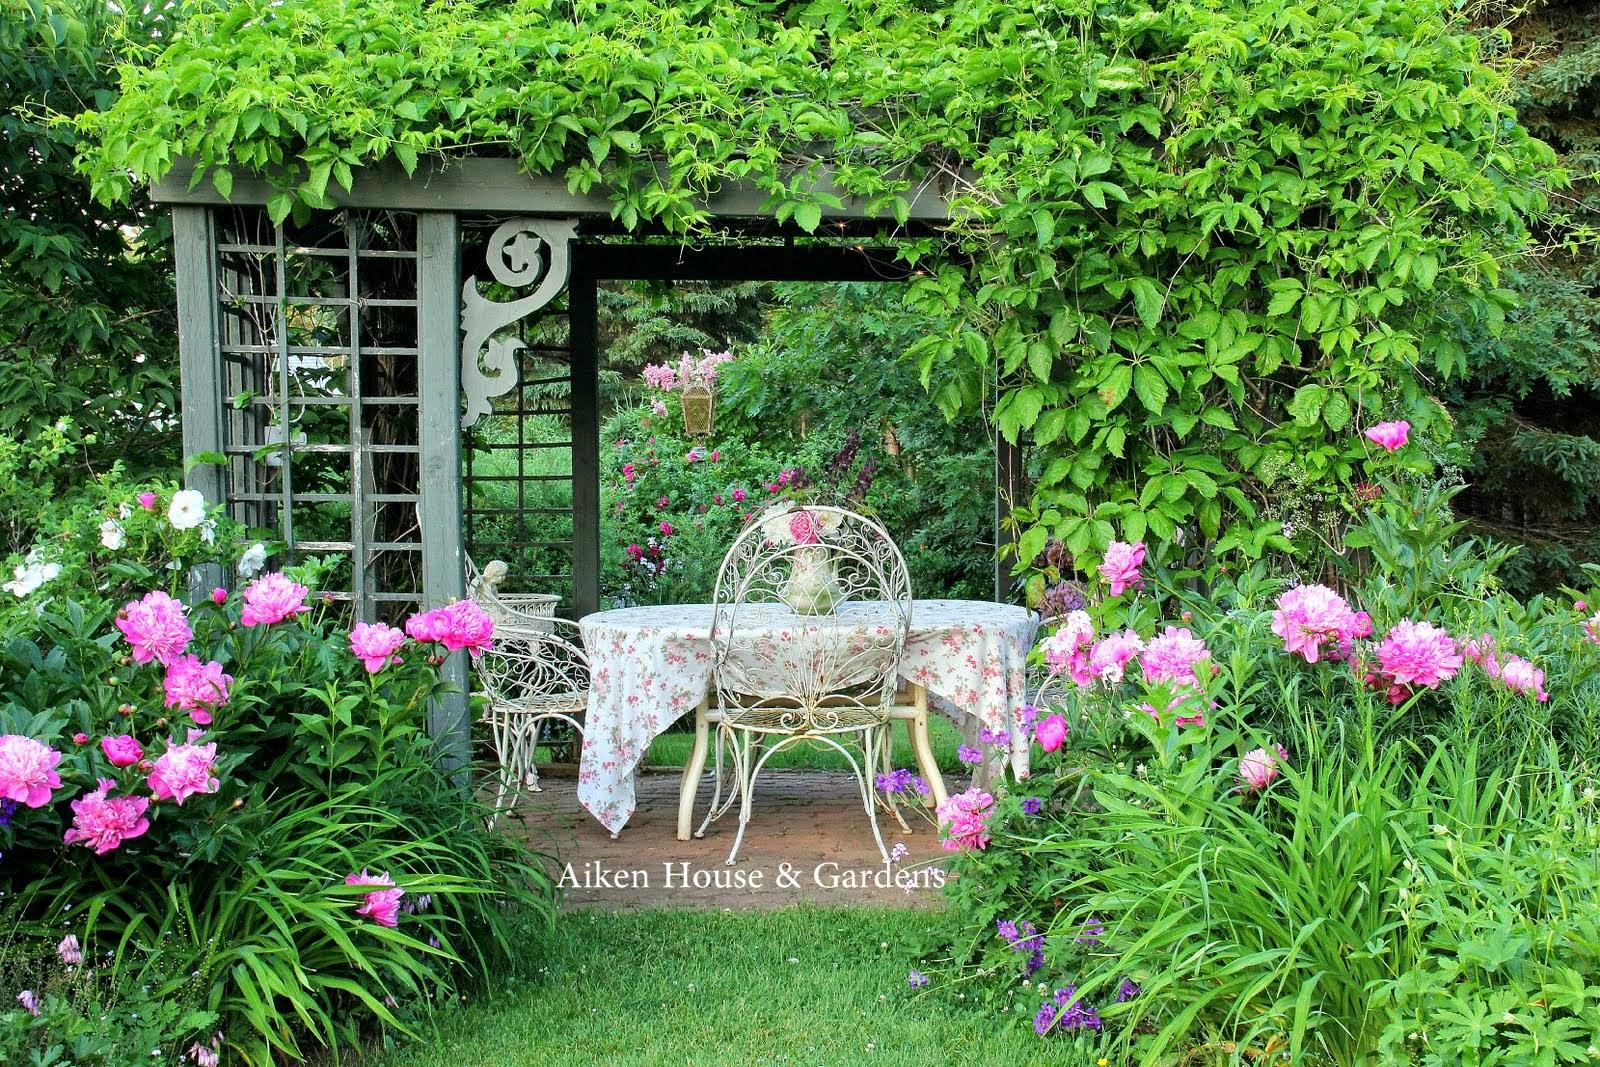 Aiken house gardens in an english country garden for English terrace